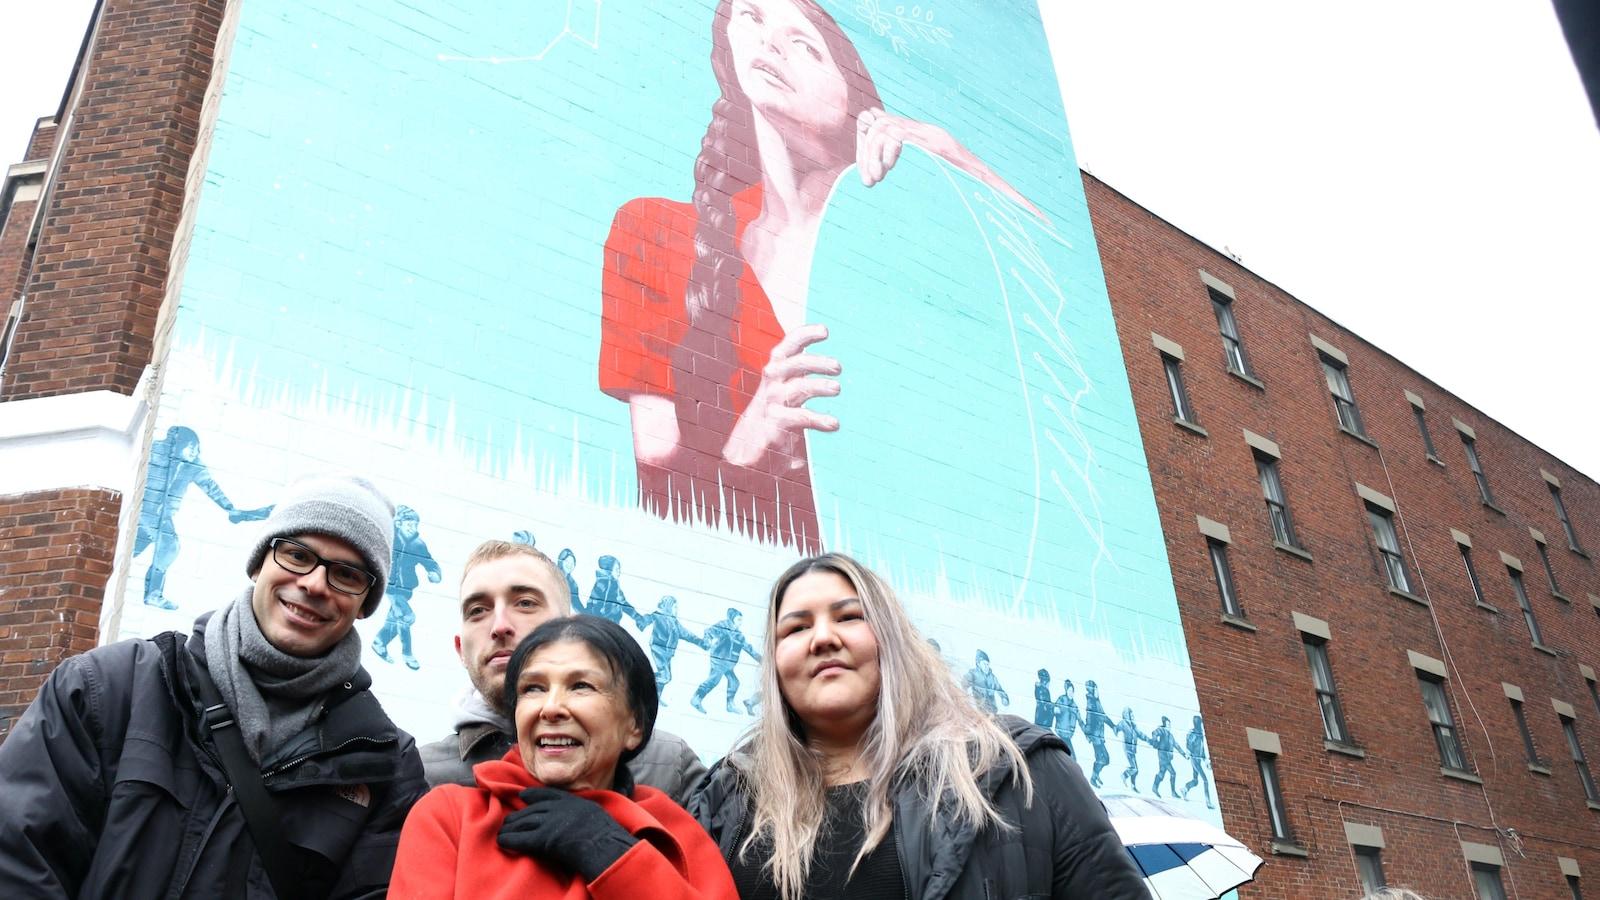 La cinéaste abénaquise Alanis Obomsawin (en avant), accompagnée des artistes Rafael Sottolichio, Arnaud Grégoire et Meky Ottawa, à l'inauguration de la murale.